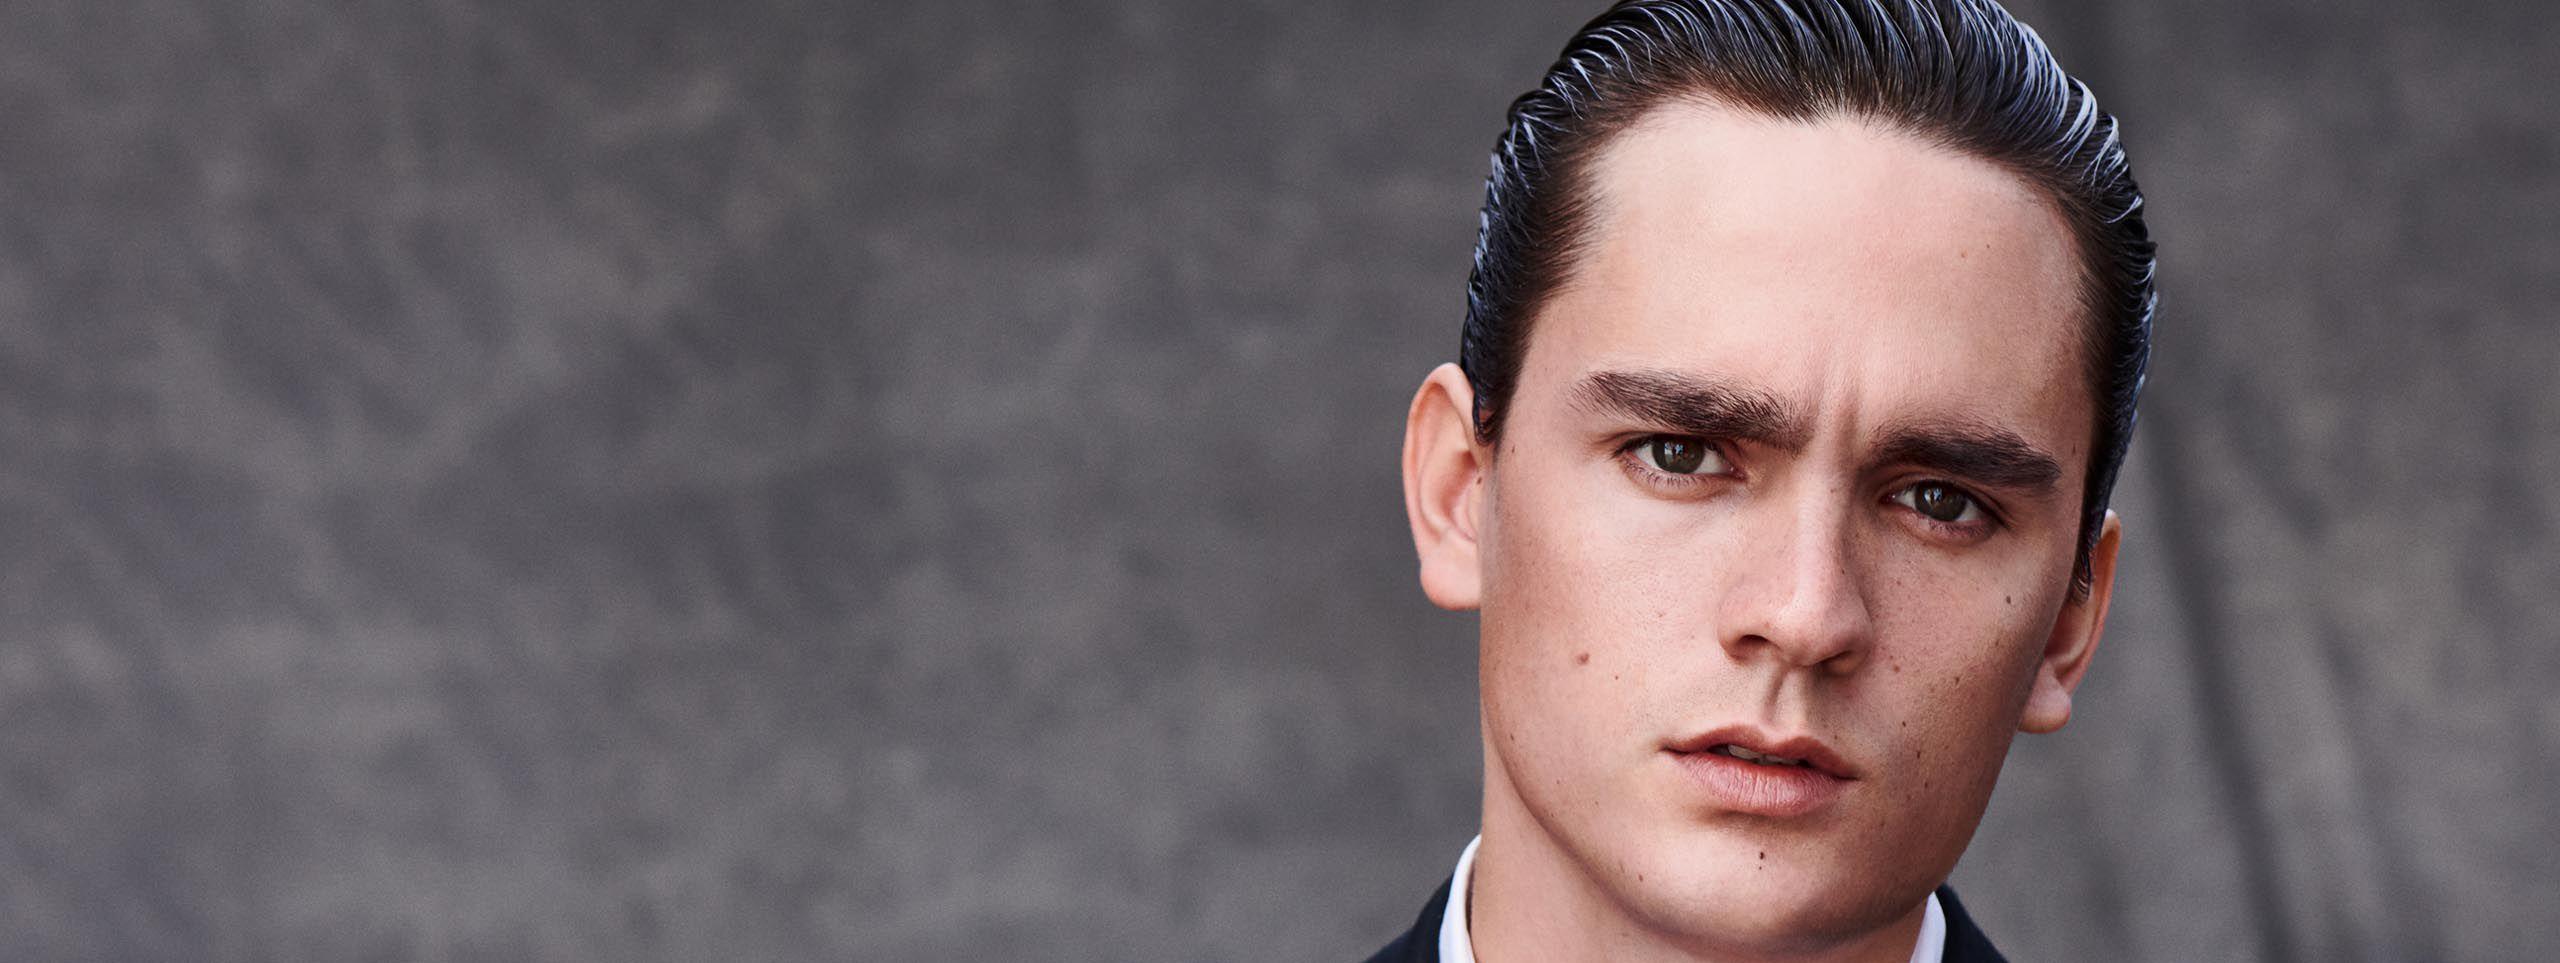 Mann mit Sleek Chic Frisur